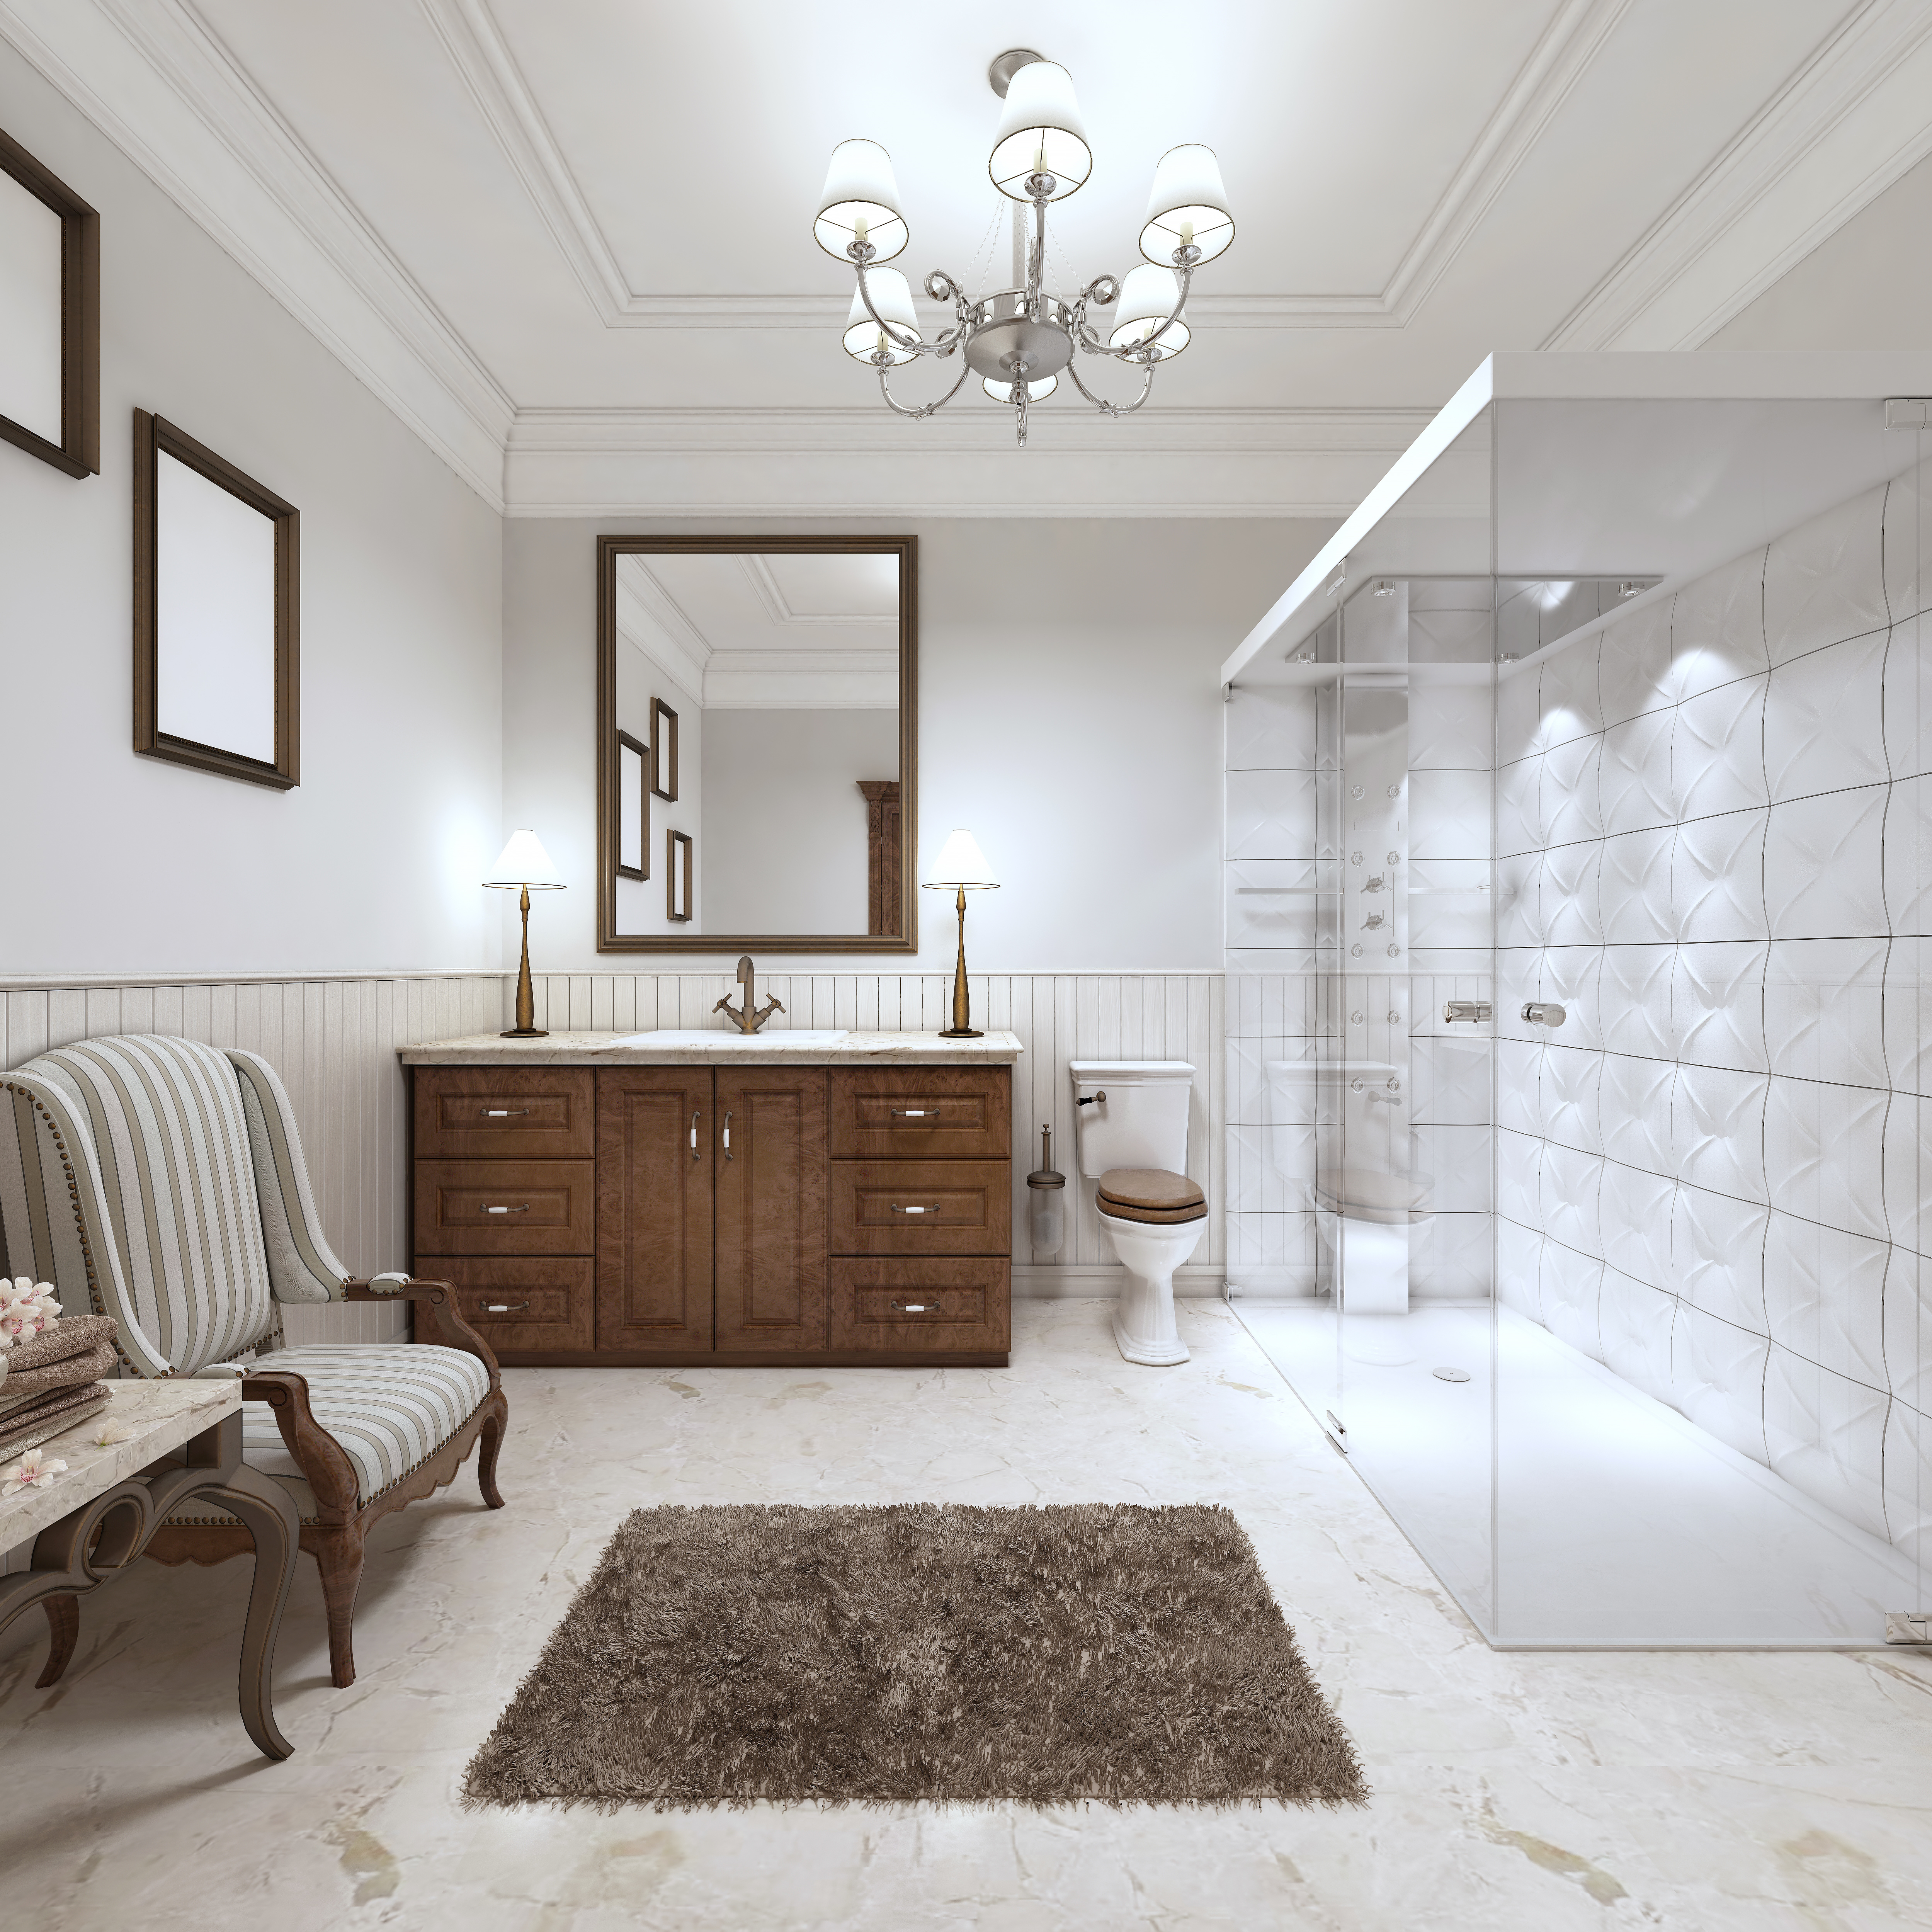 New Bathroom Remodel Atlanta Pics